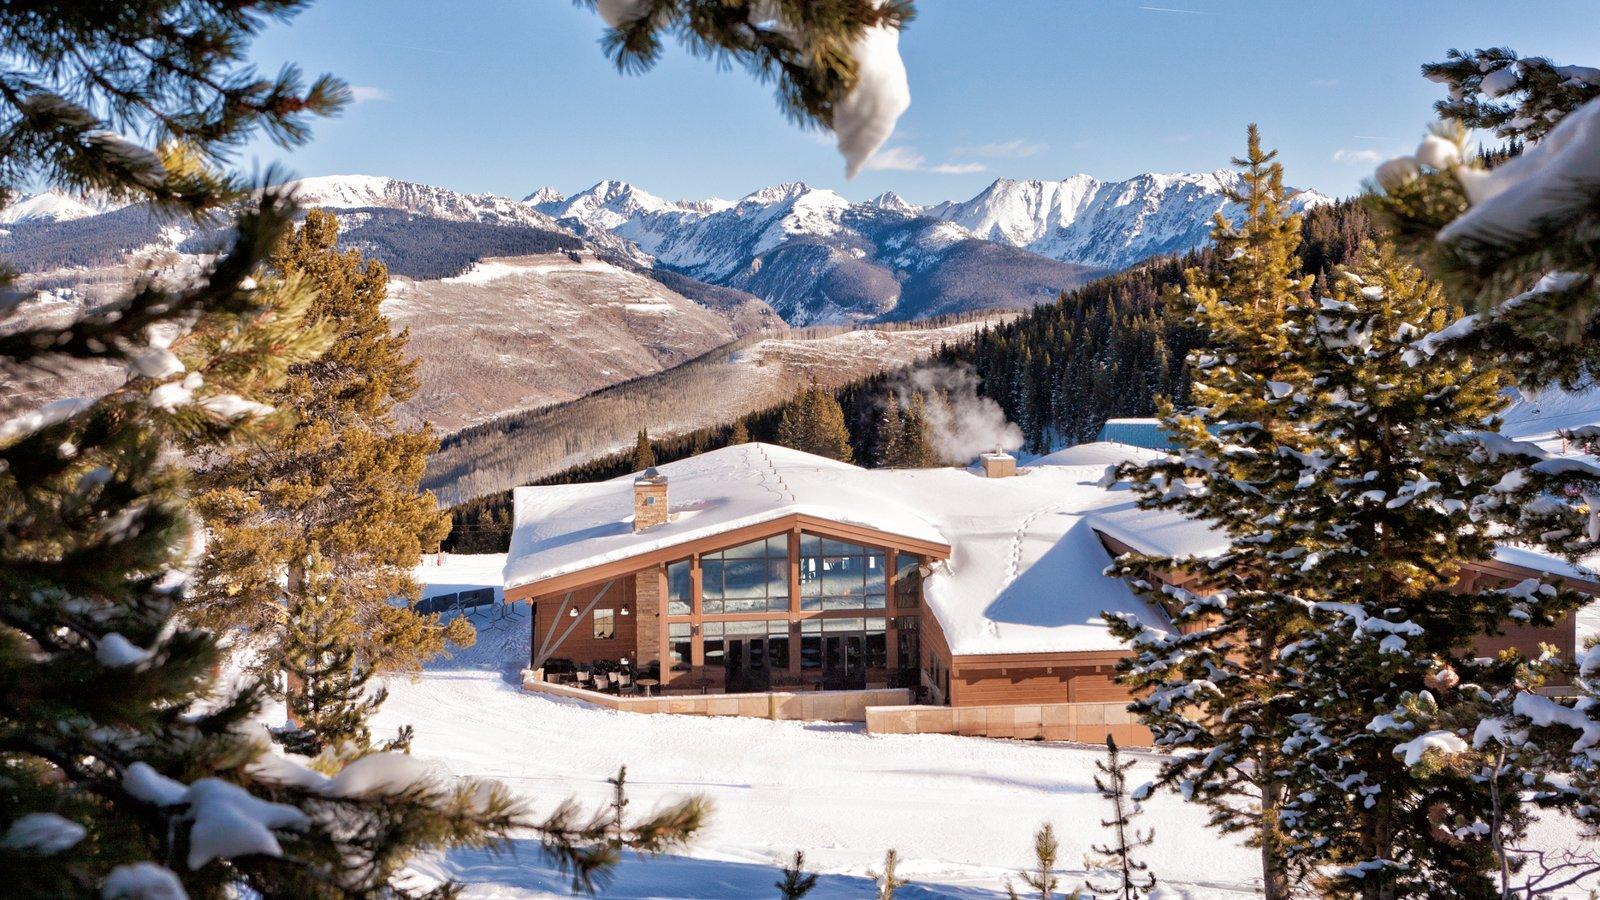 Vail - Beaver Creek que inclui neve, um hotel de luxo ou resort e montanhas